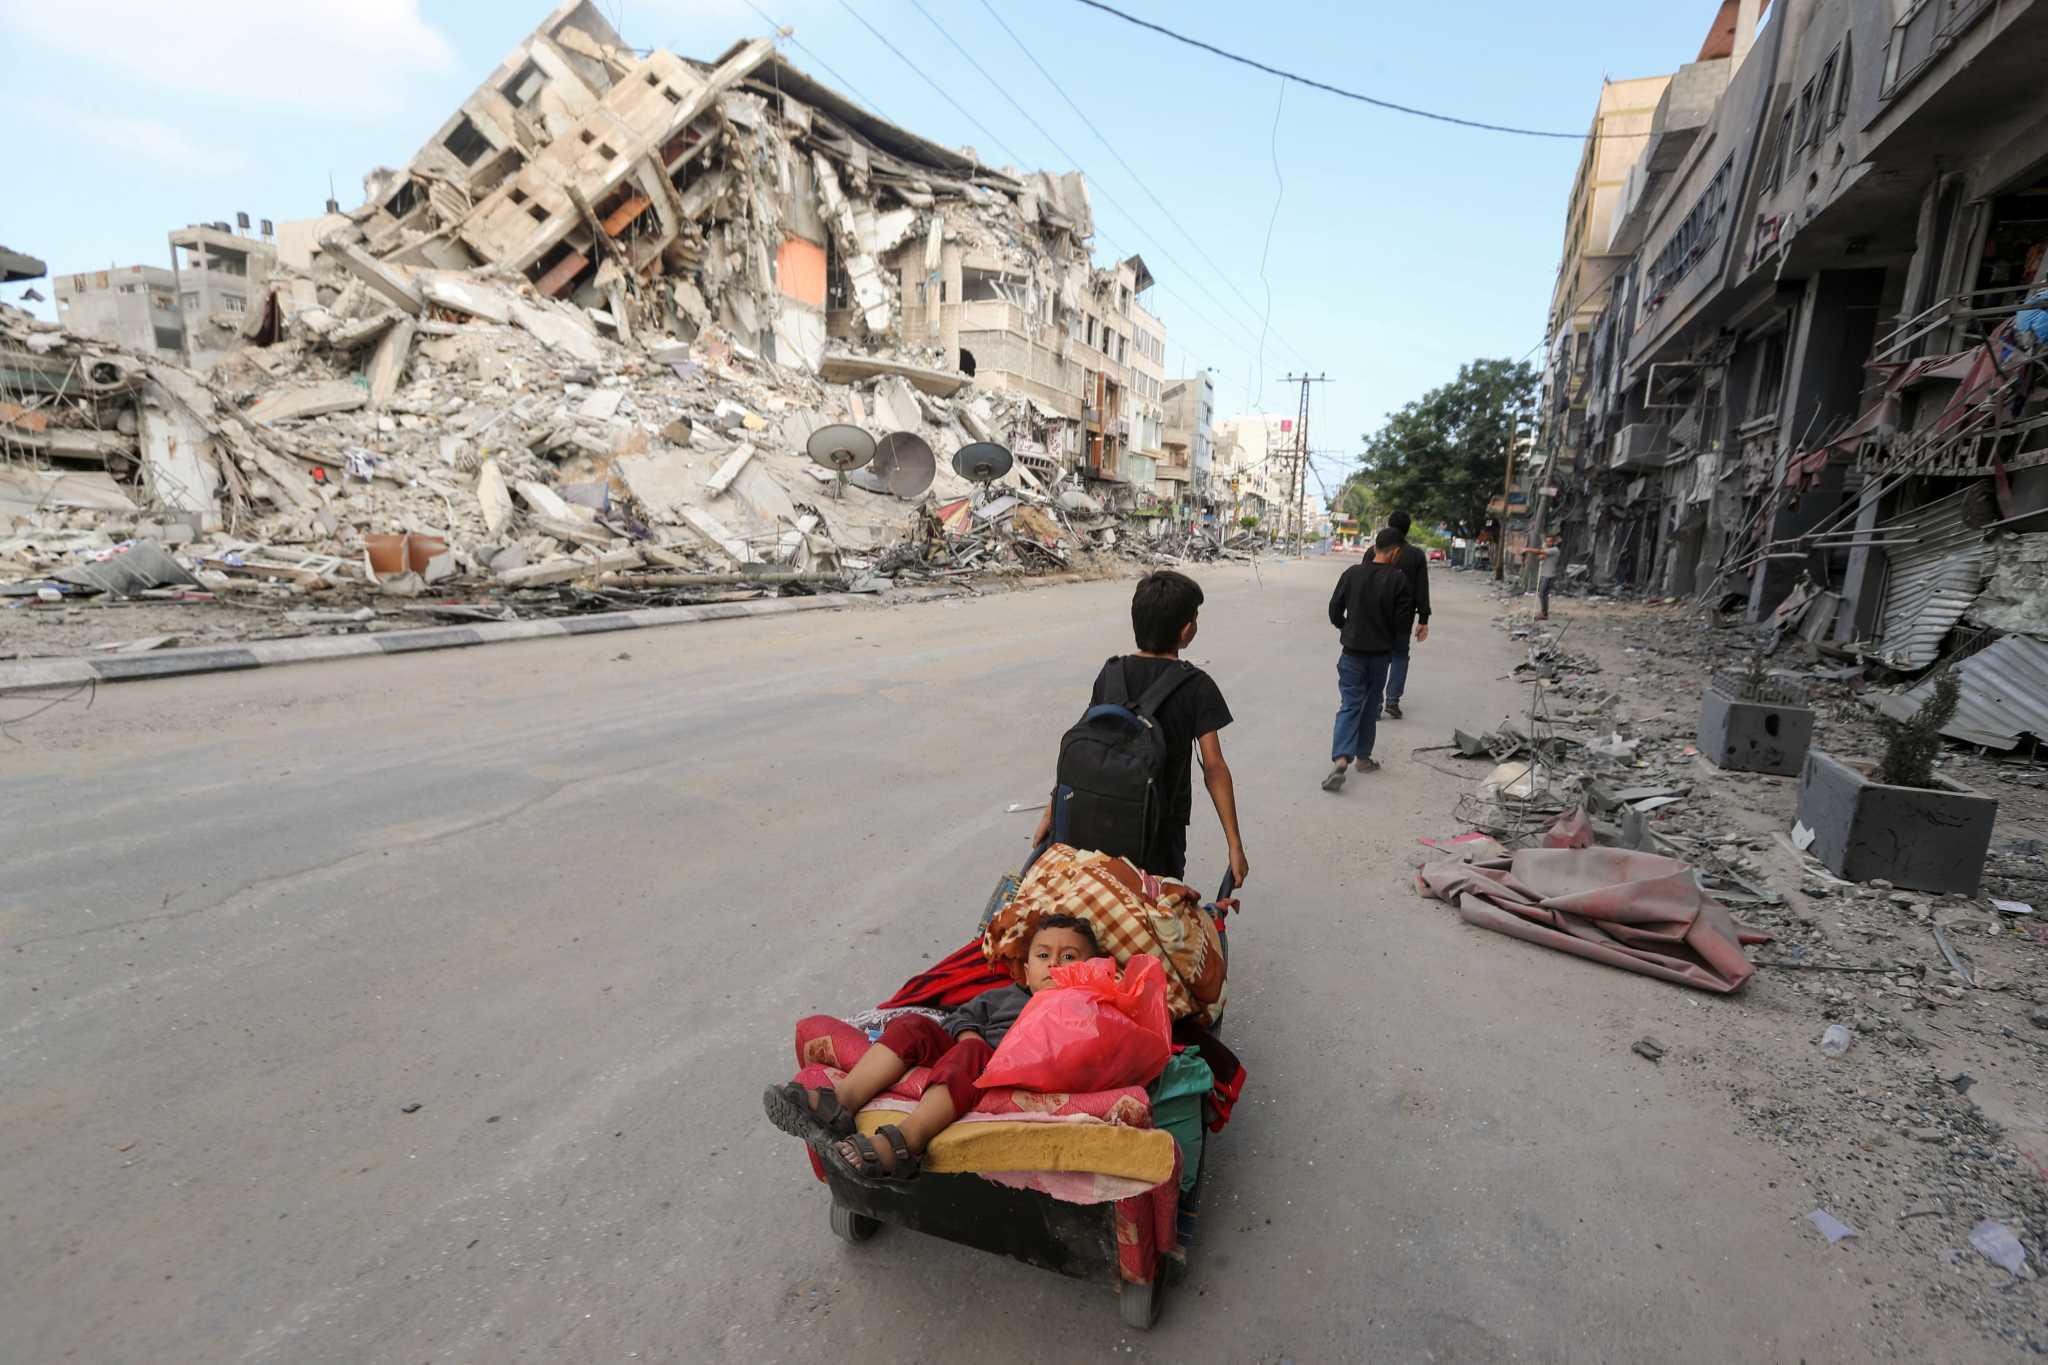 Βομβαρδισμοί «σαν σε video game» στη Γάζα – 31 παιδιά ανάμεσα στους νεκρούς αμάχους